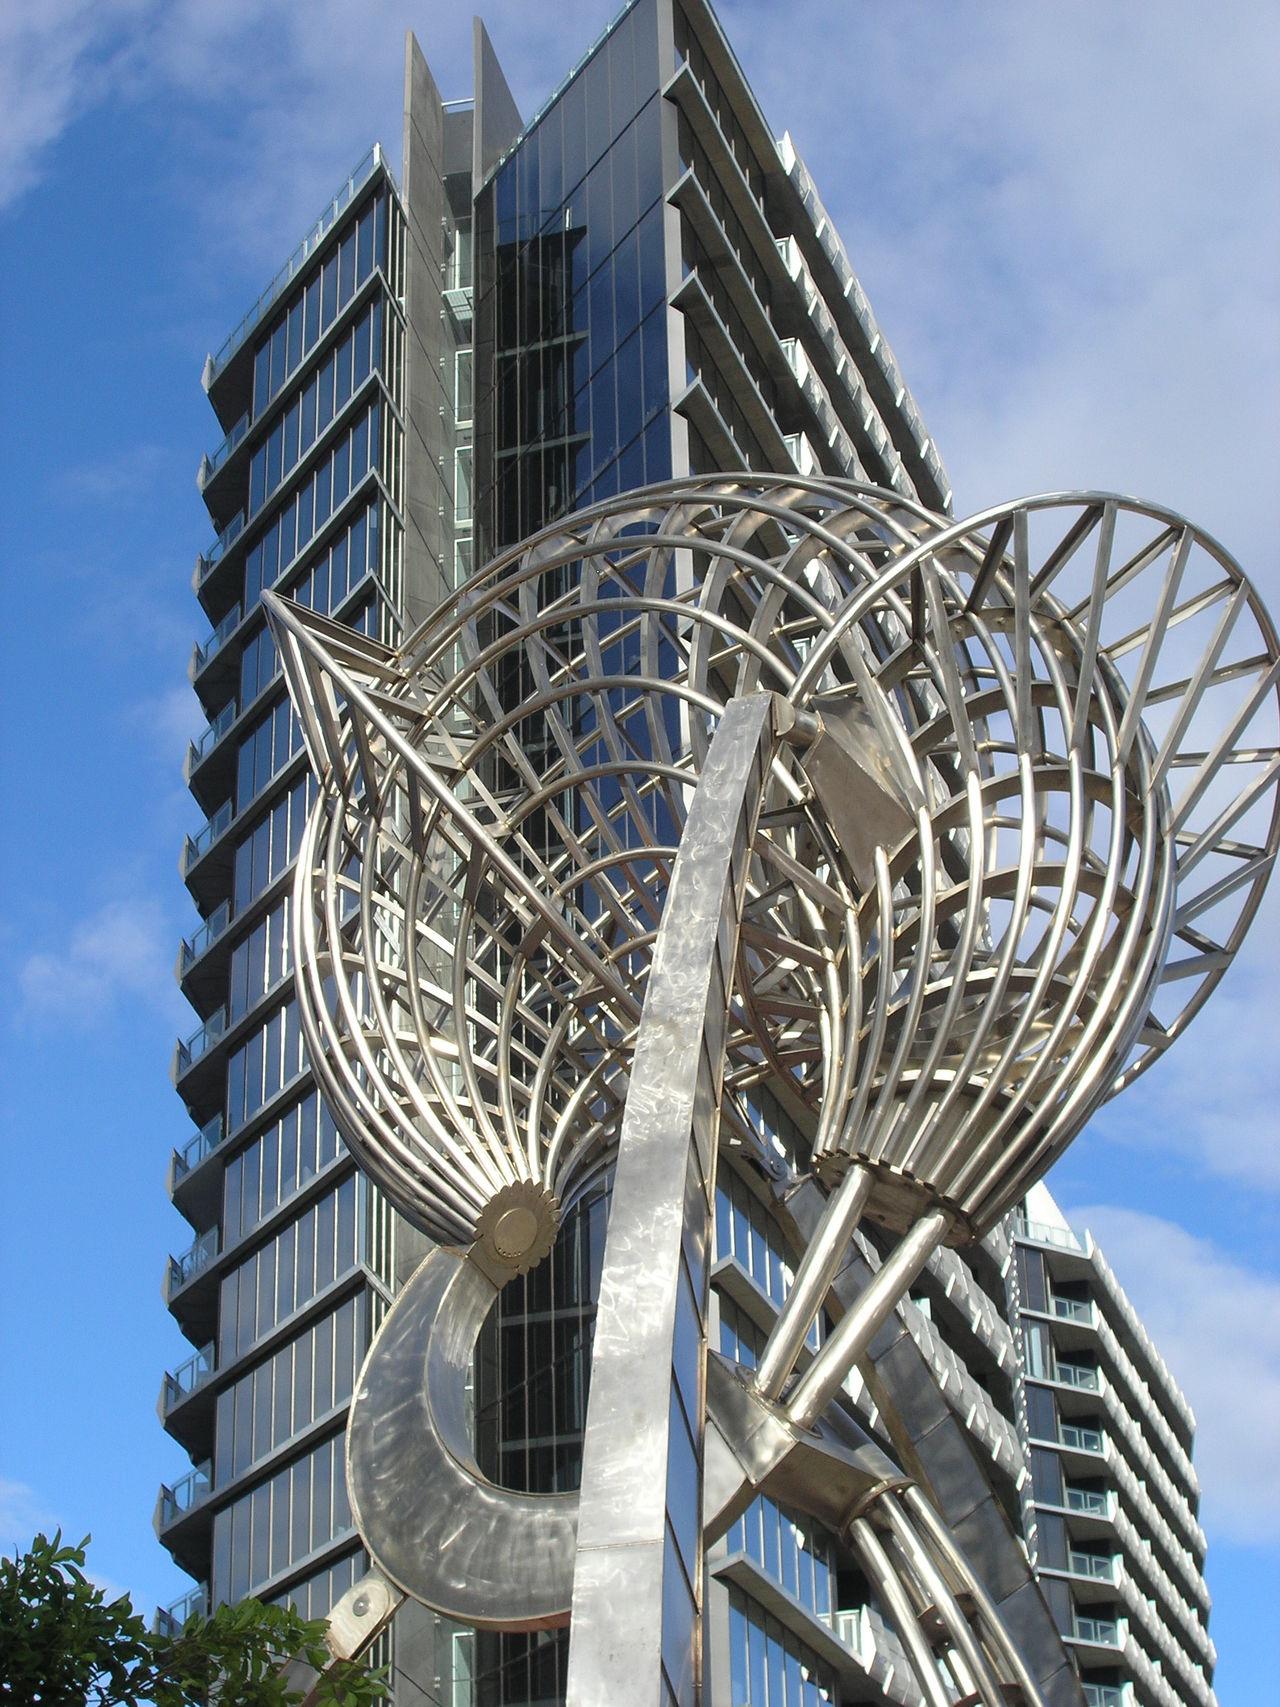 Building Gebäude Gebäude Architektur Gebäudekunst Journey Reisen